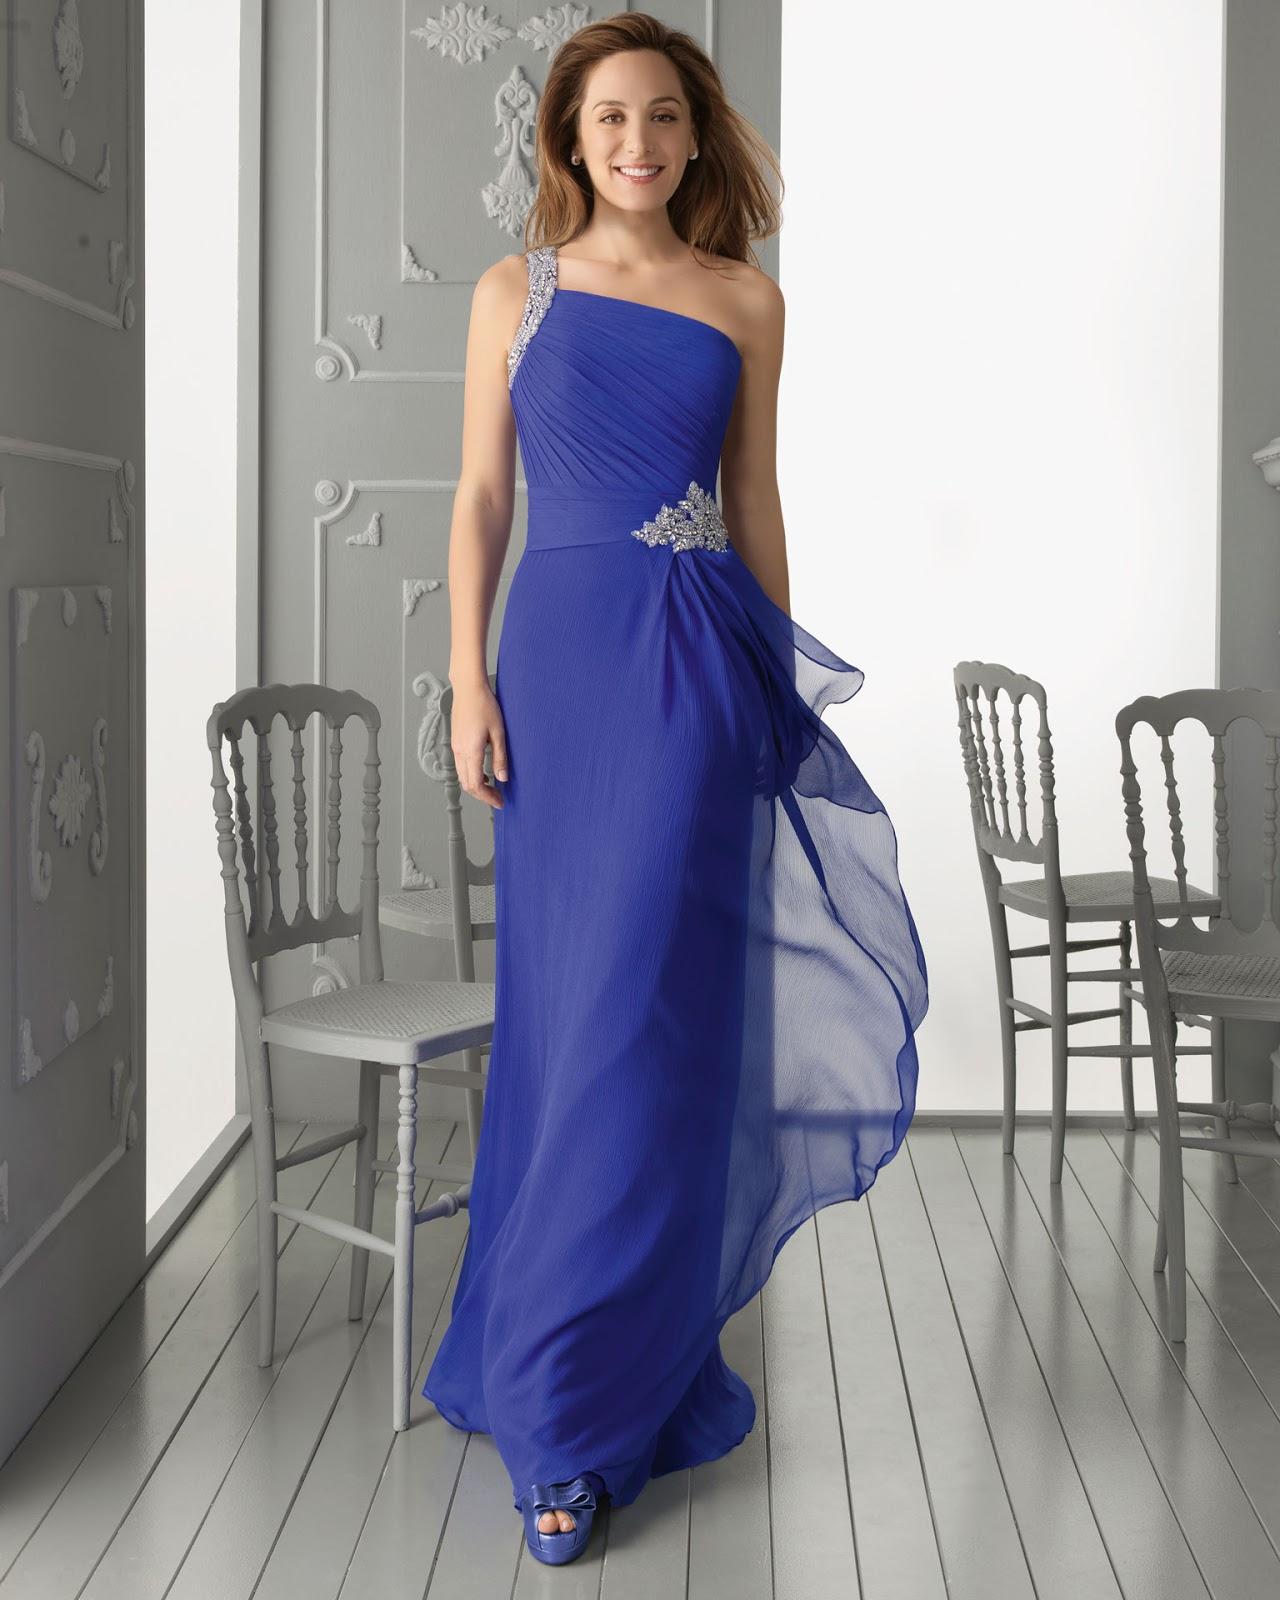 Vestidos de fiesta aire precios – Vestidos de noche elegantes para ti